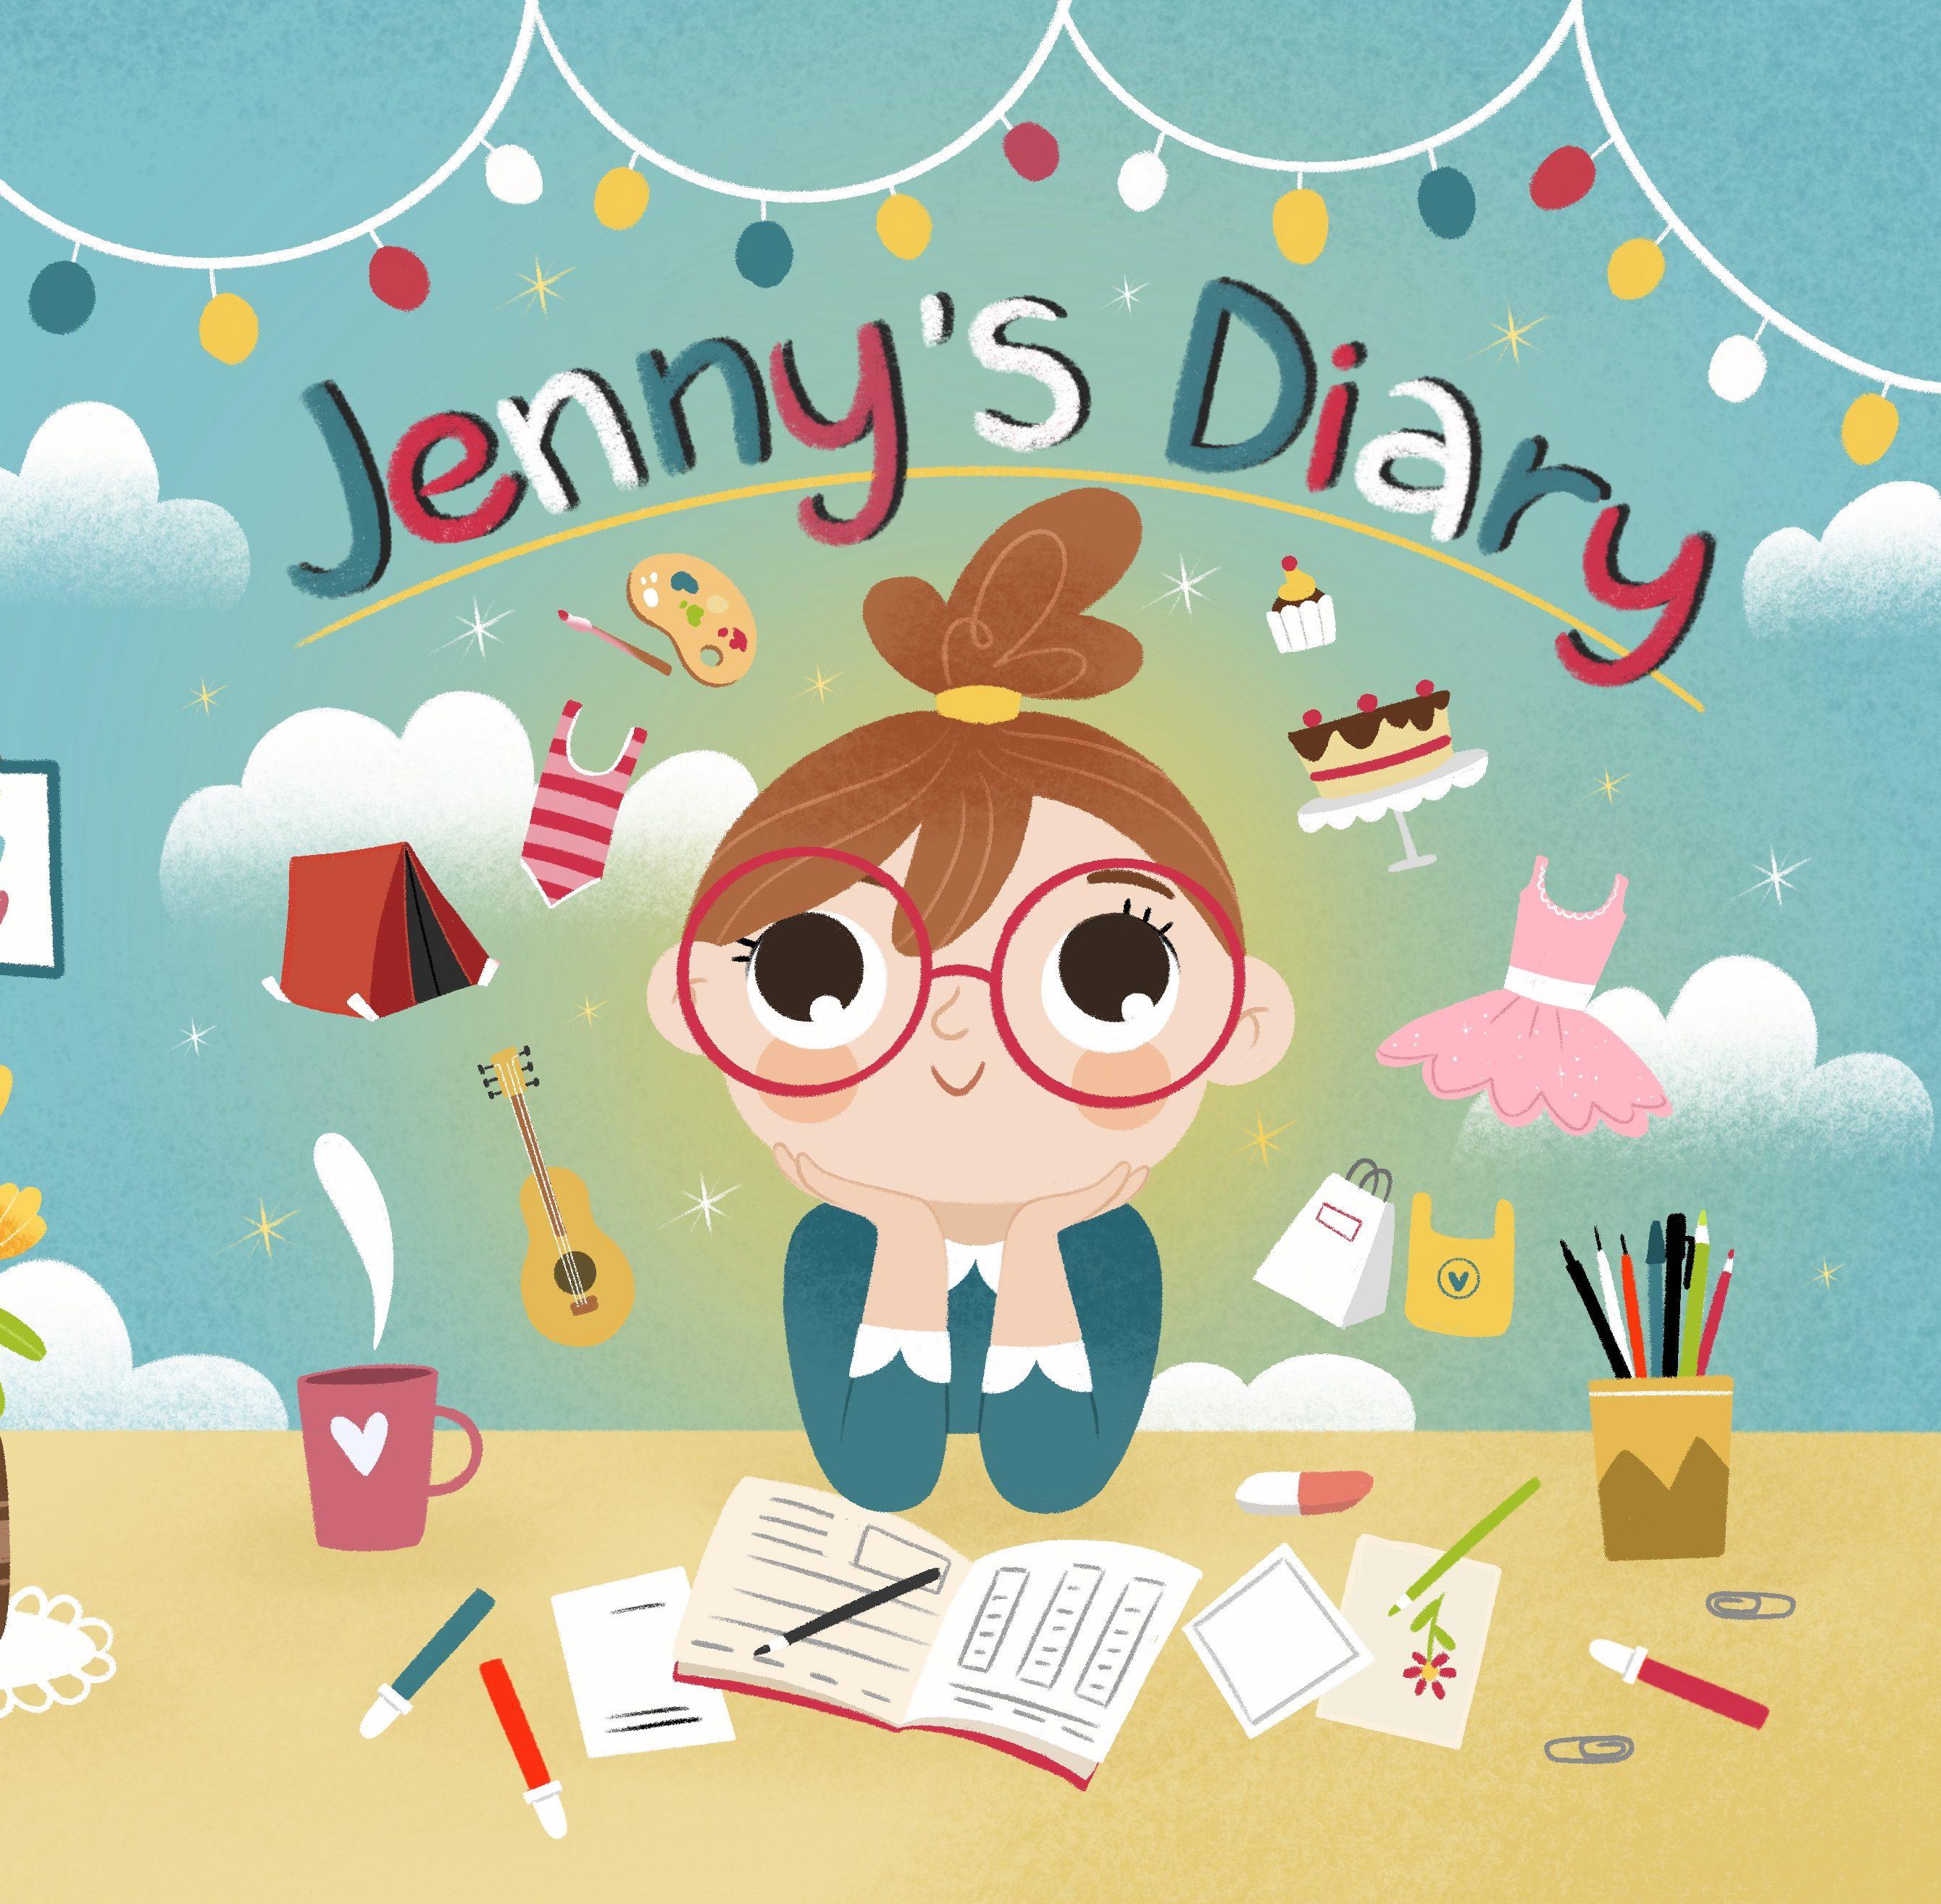 Jenny's_Diary_-_Cover